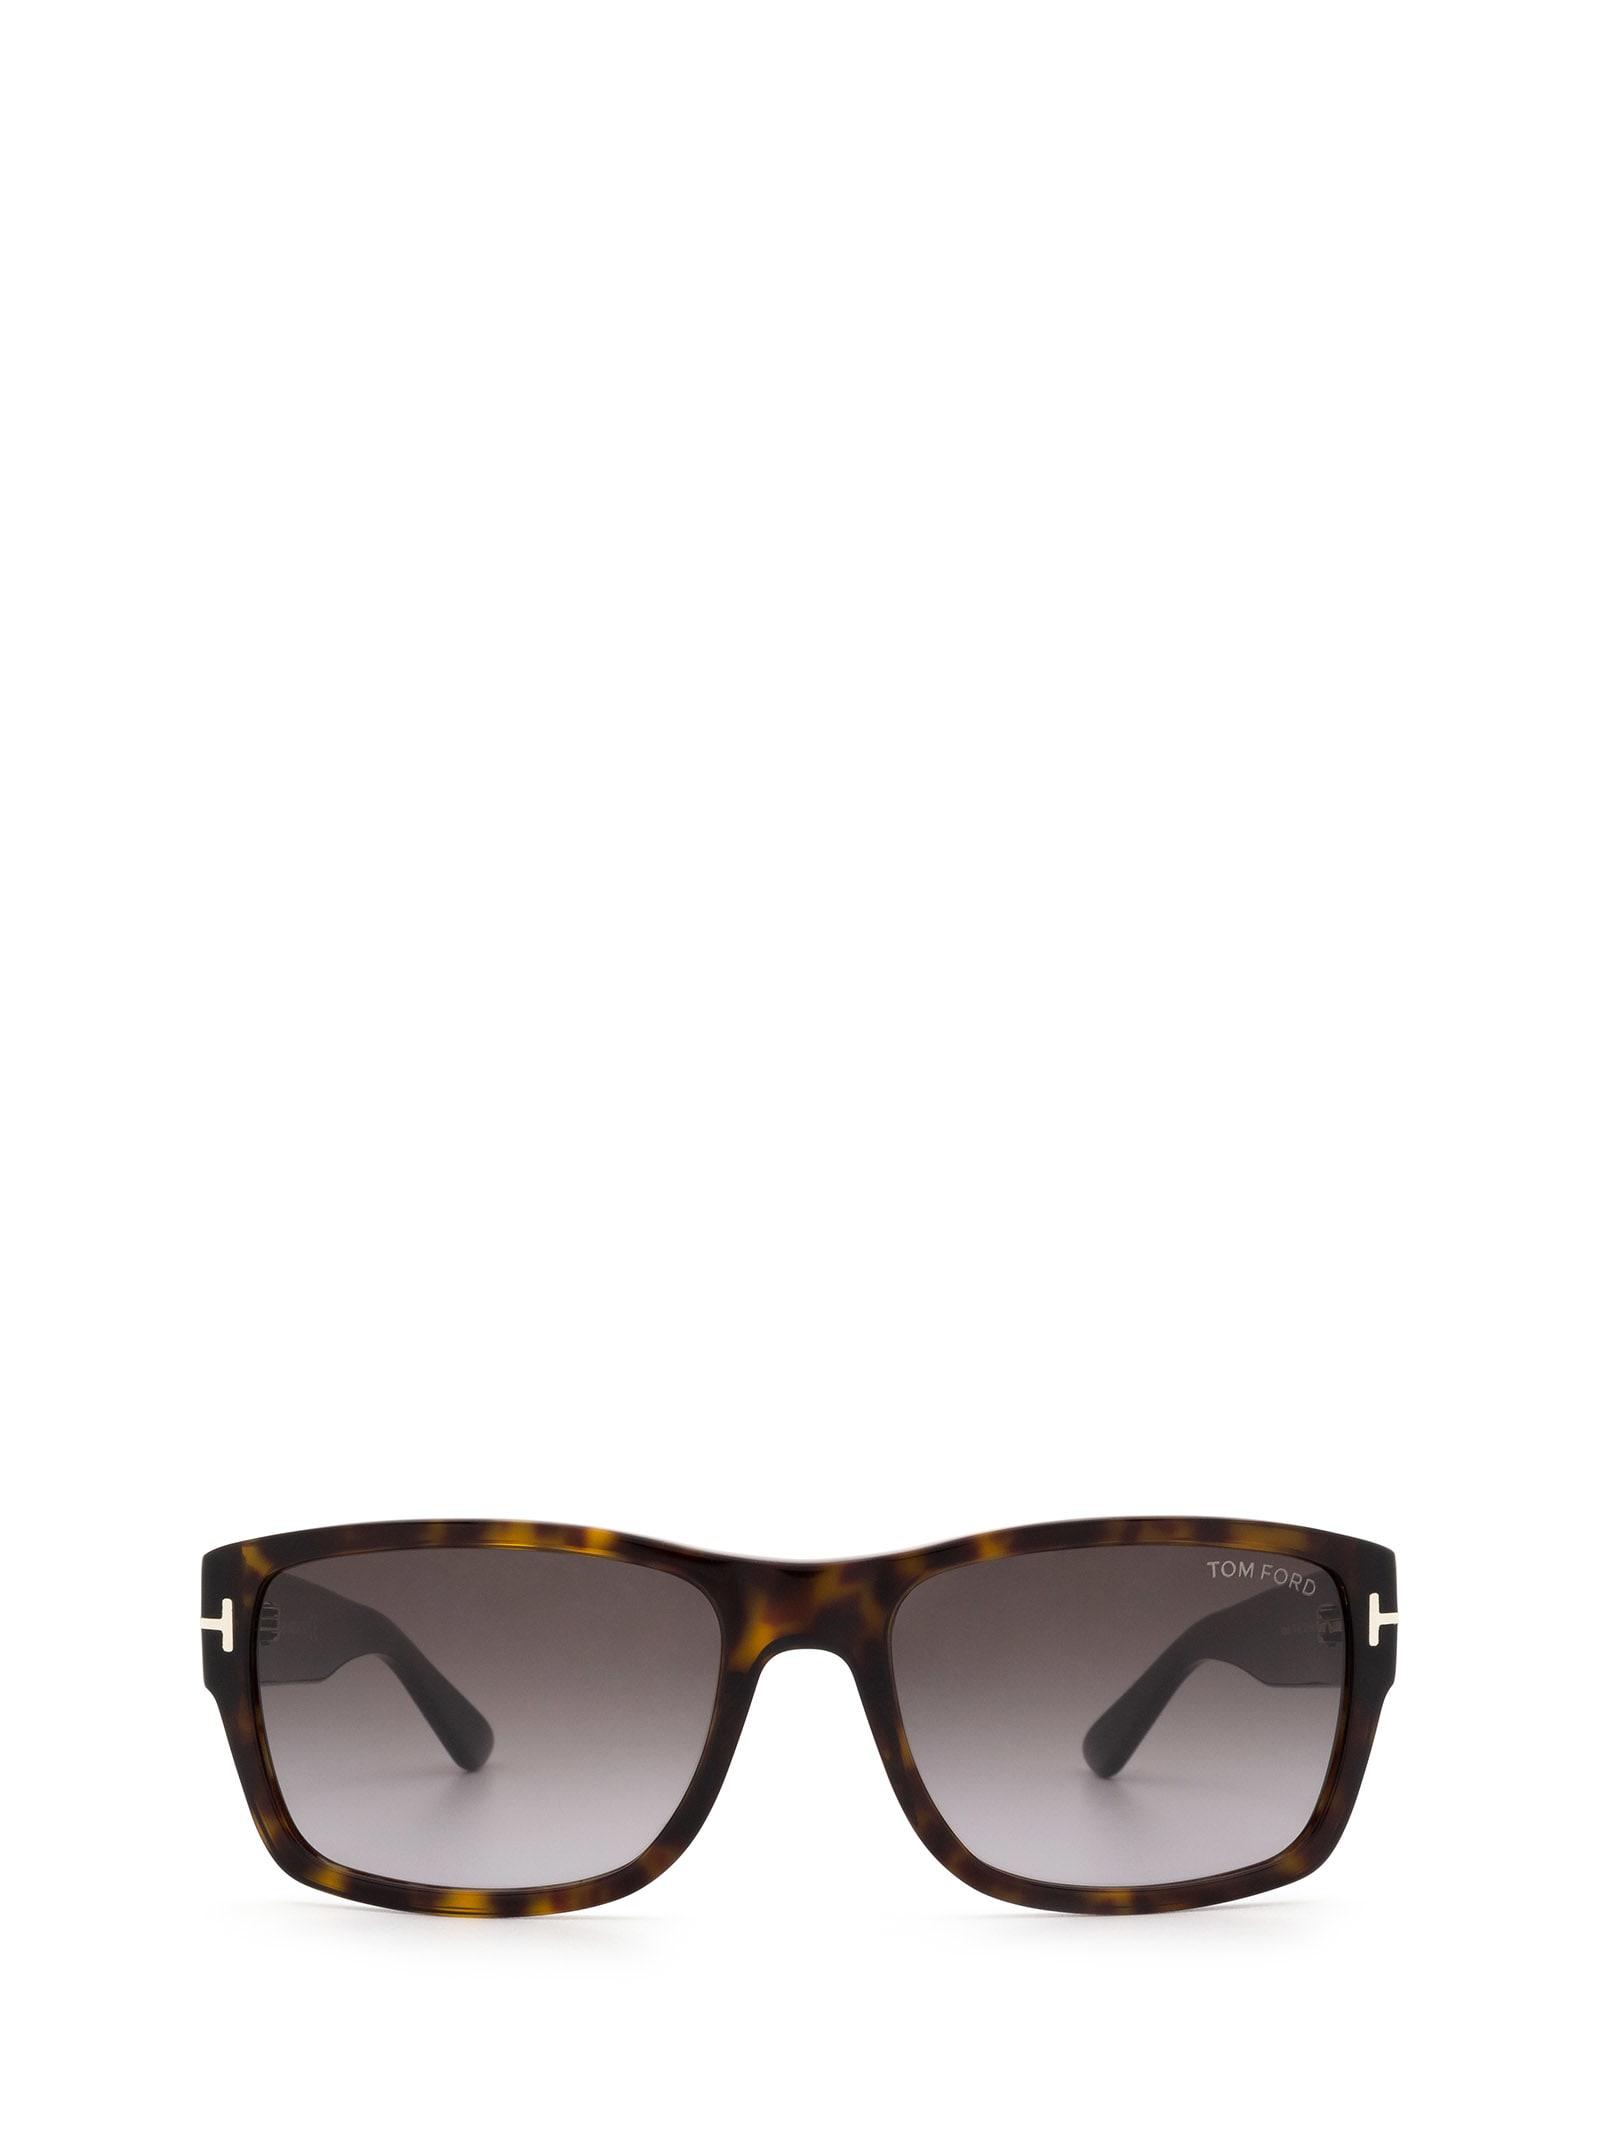 Tom Ford Tom Ford Ft0445 Havana Sunglasses